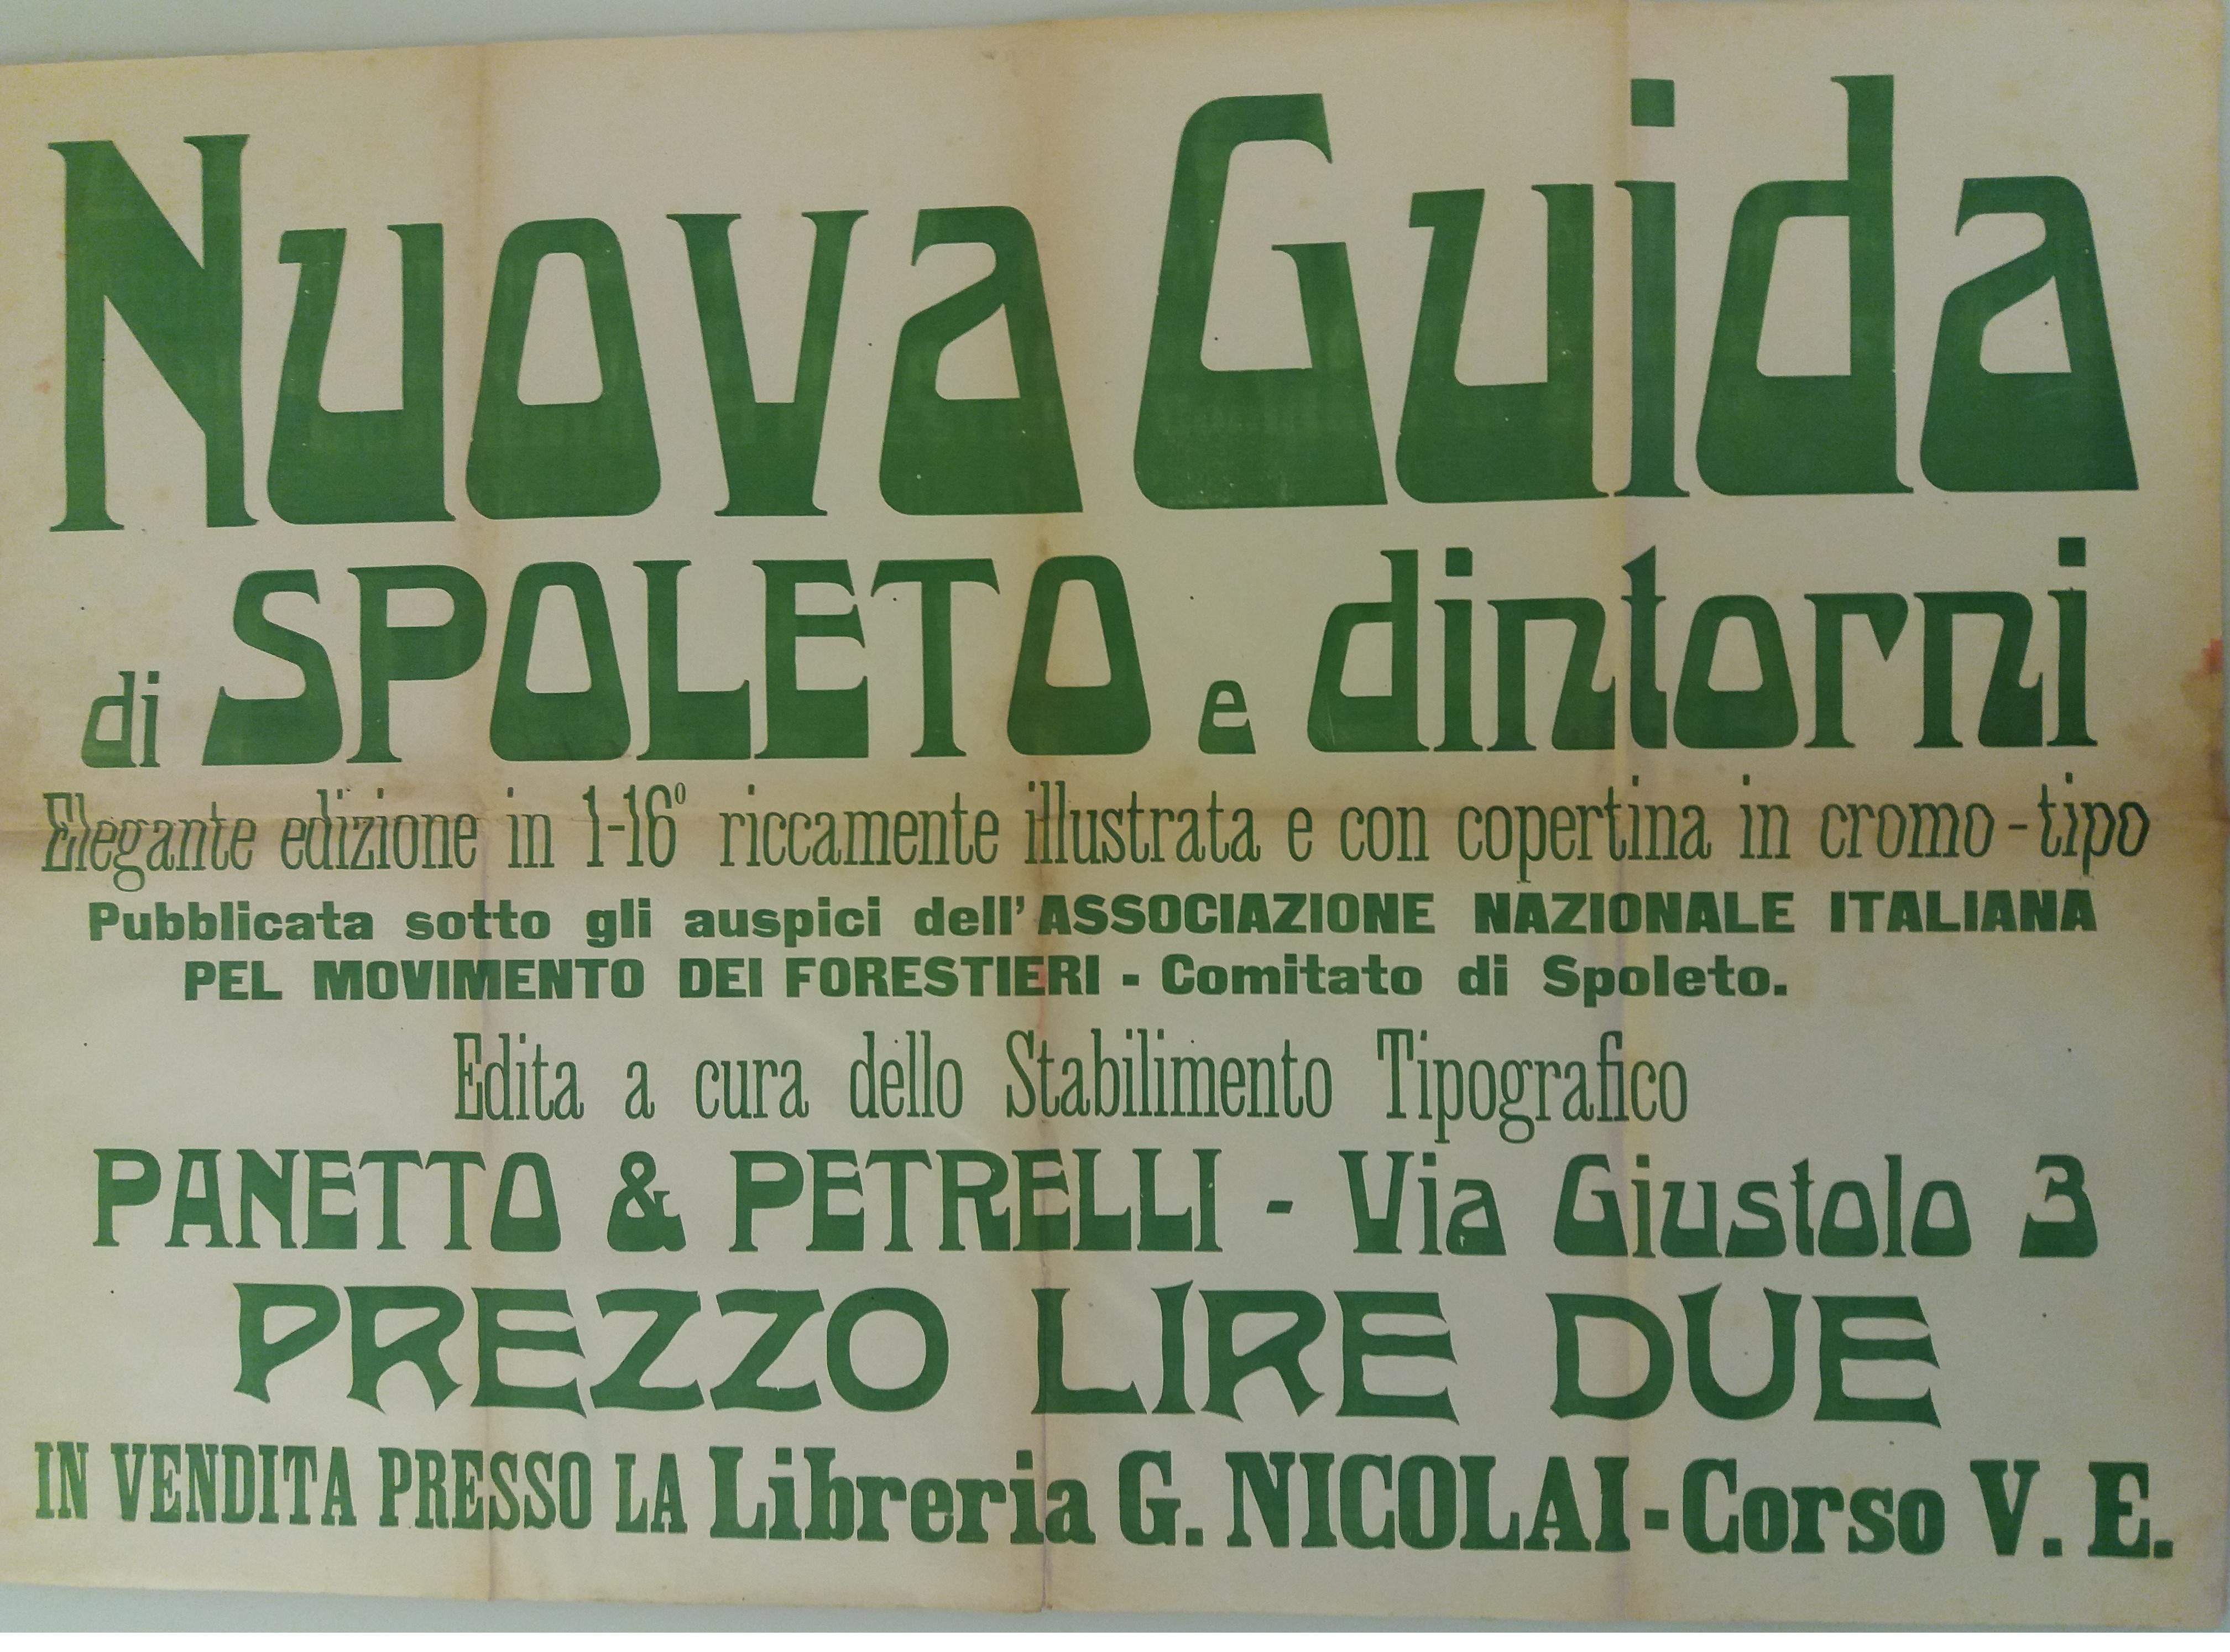 Manifesto per Guida di Spoleto e dintorni